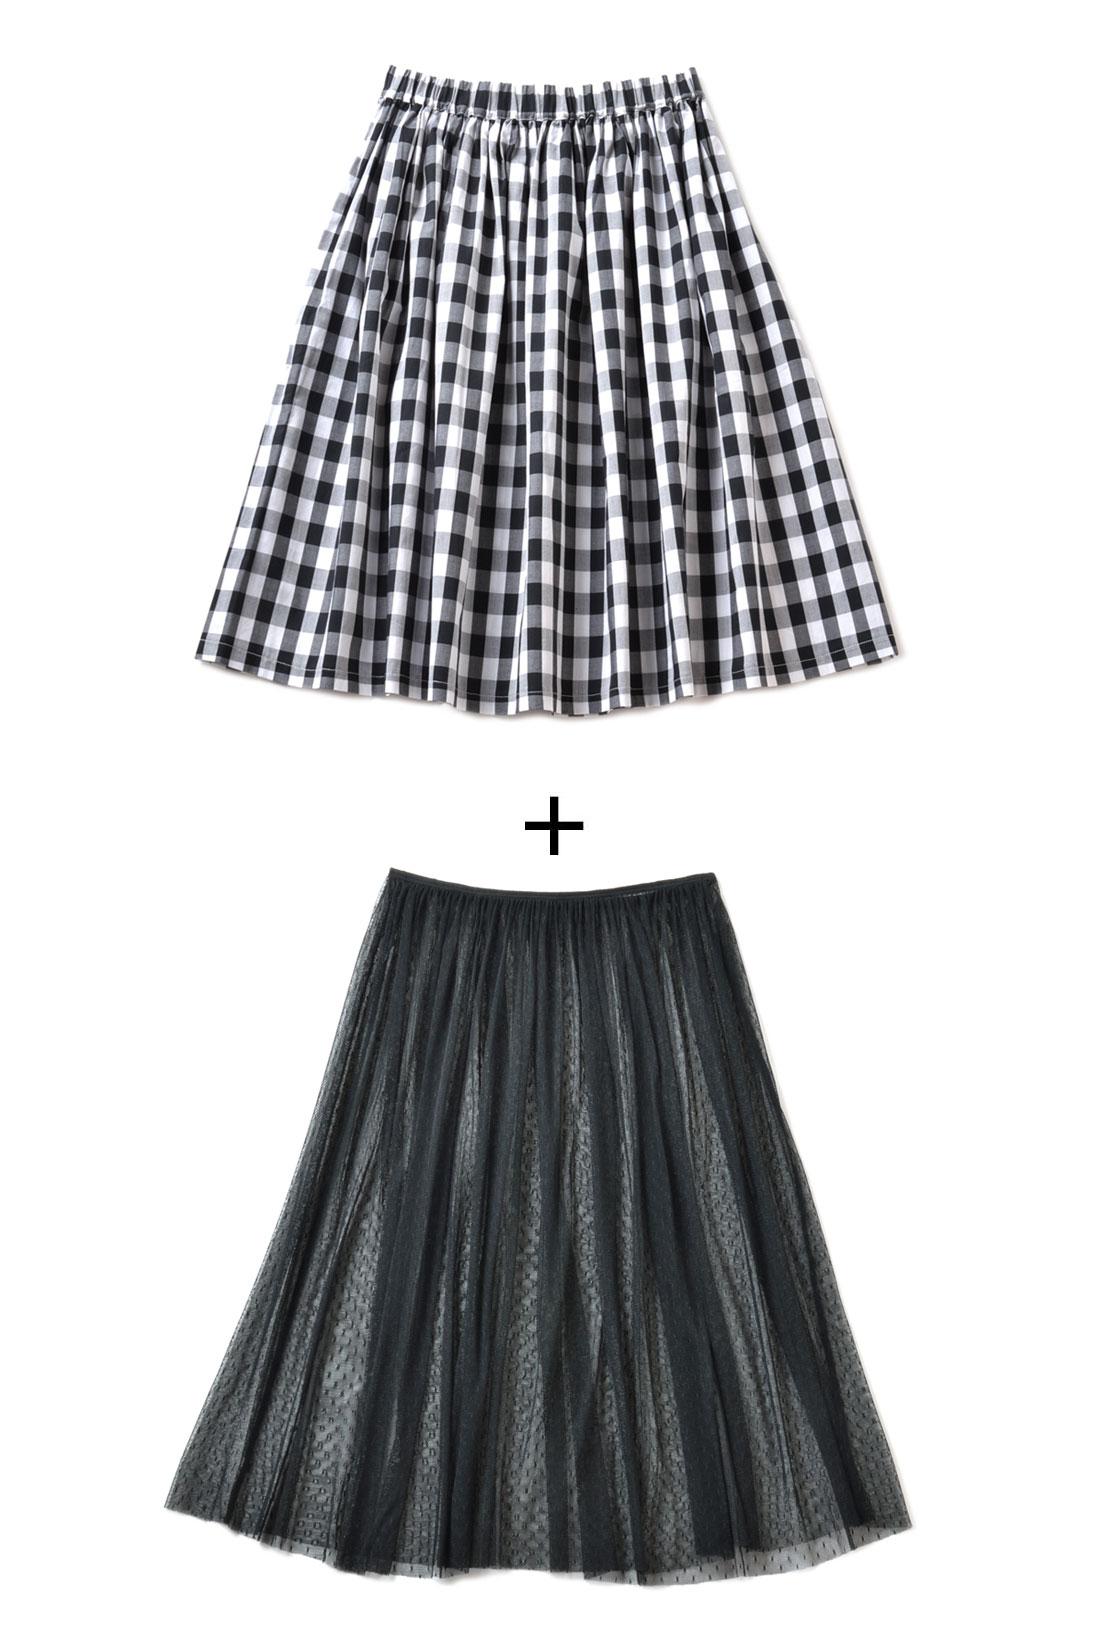 スカート2枚セットだから、お得♪